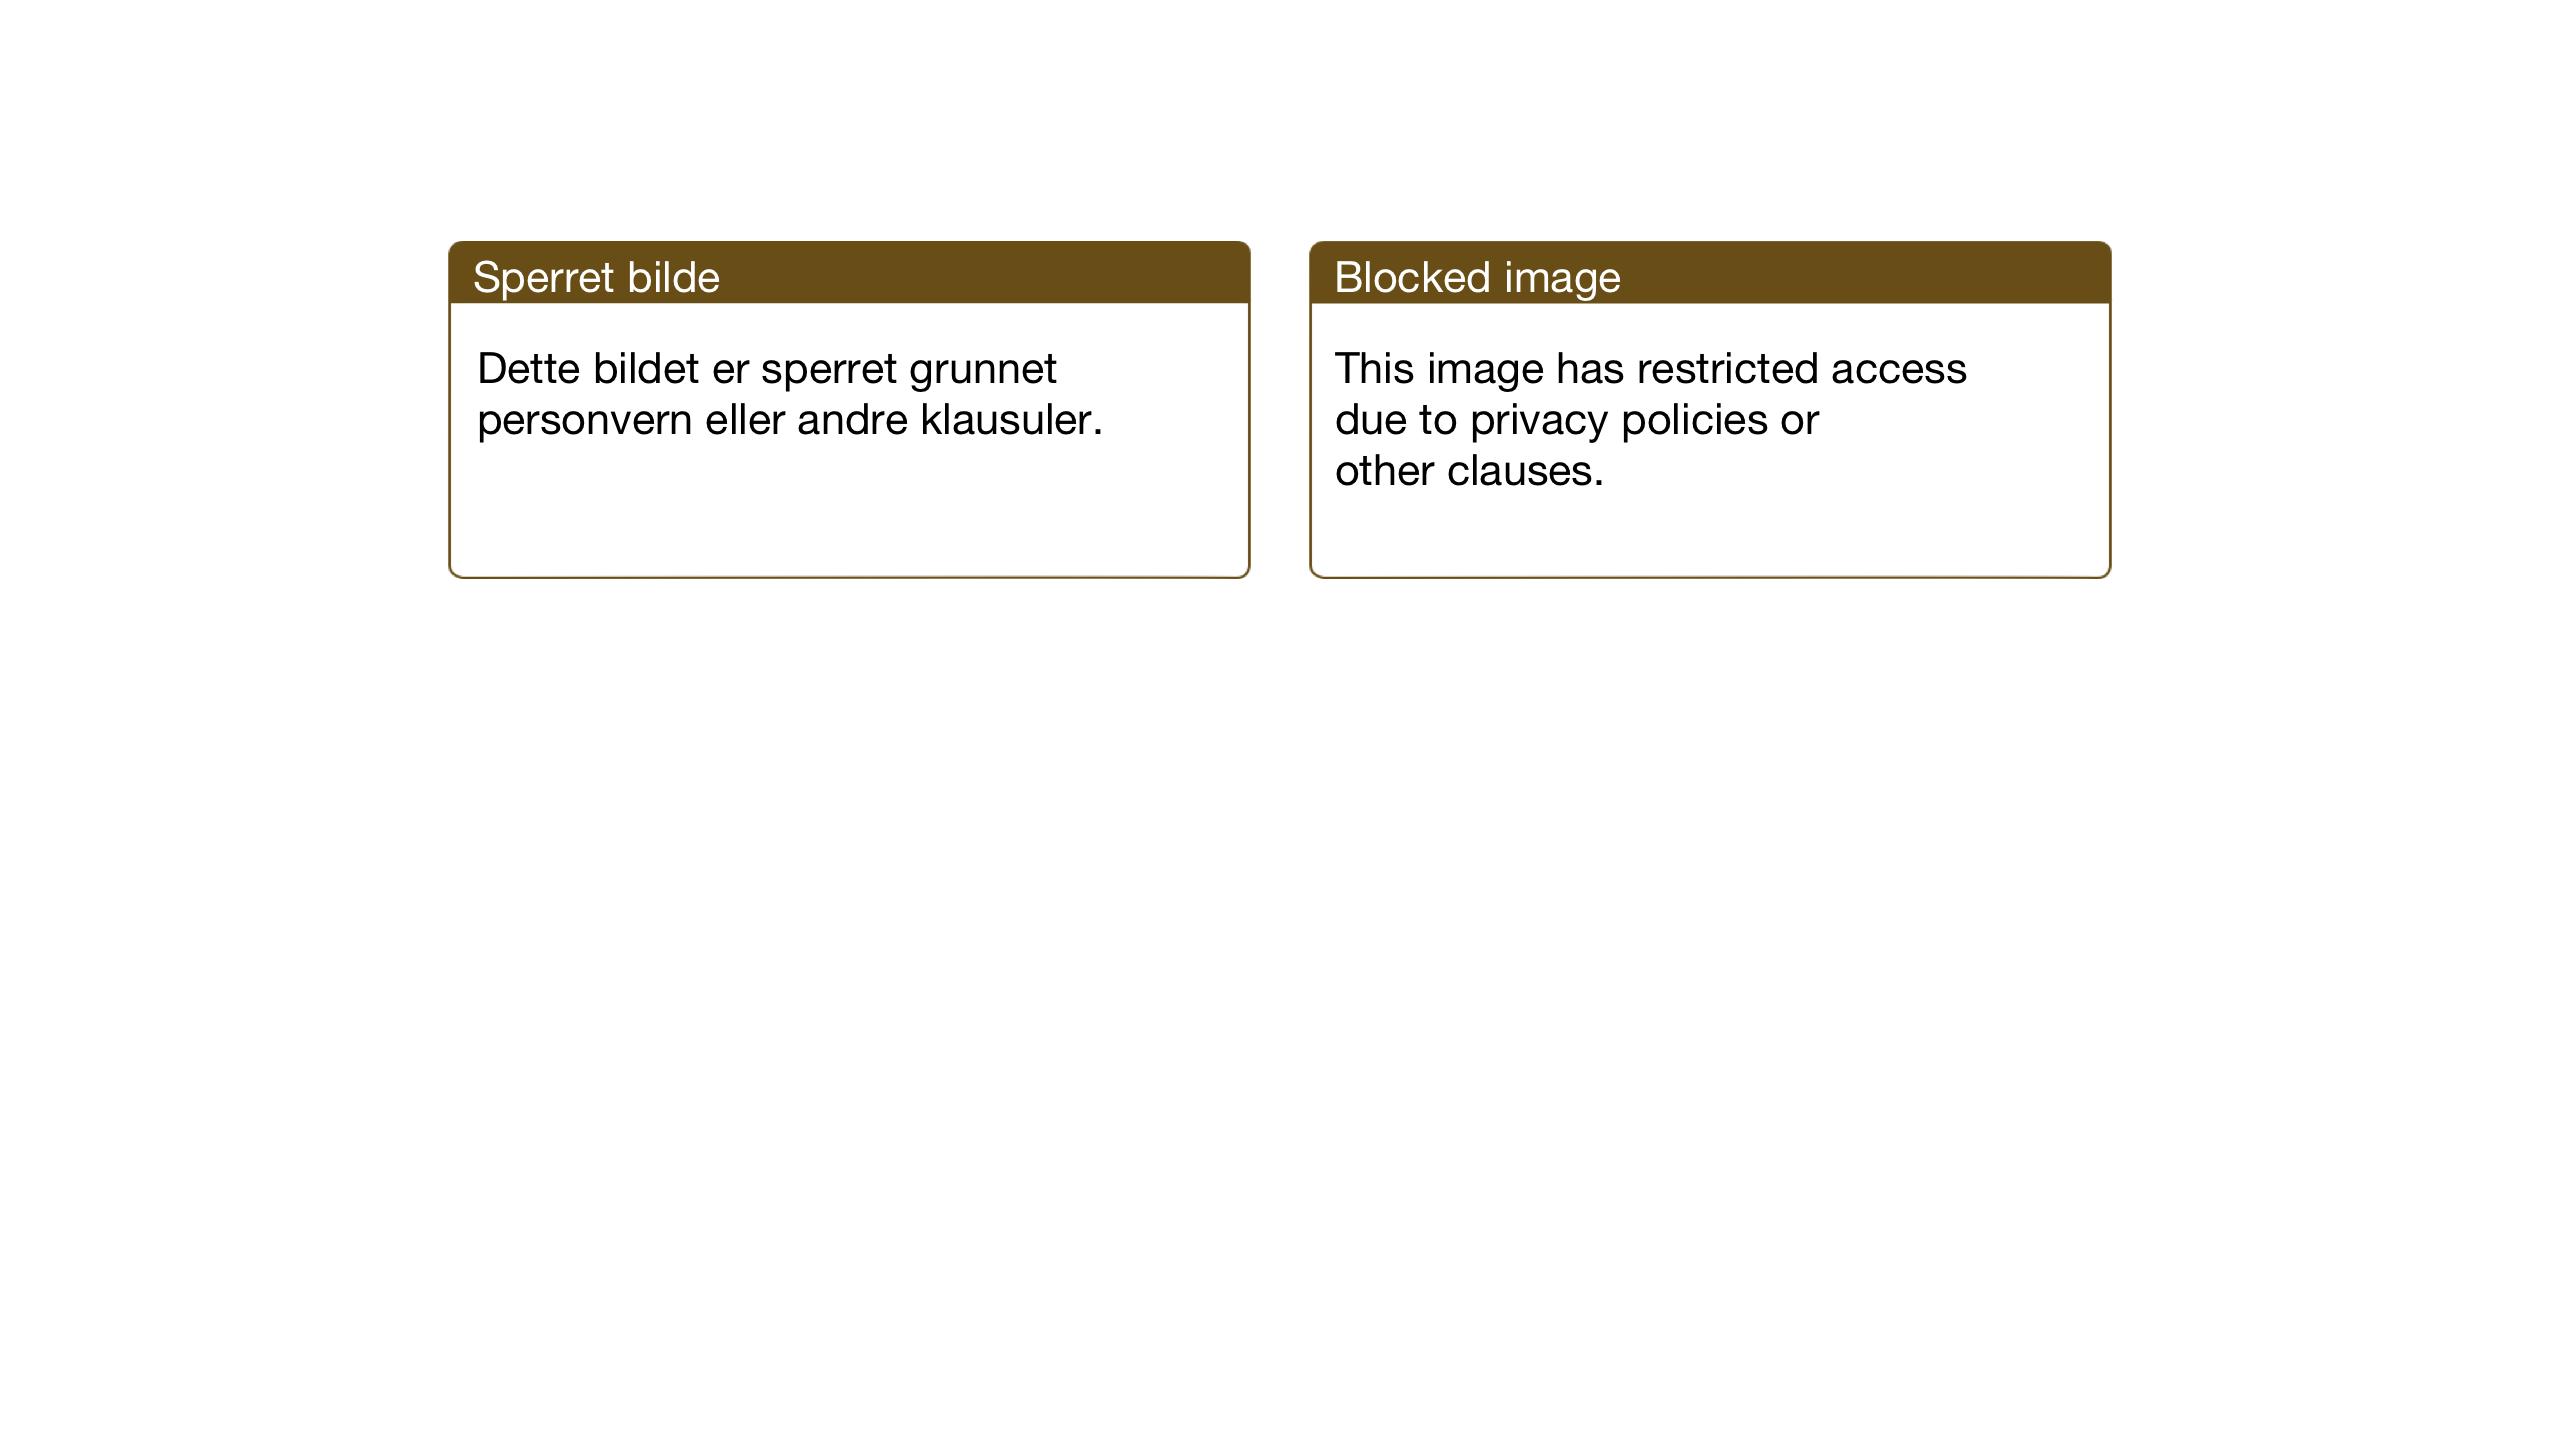 SAT, Ministerialprotokoller, klokkerbøker og fødselsregistre - Nord-Trøndelag, 713/L0125: Klokkerbok nr. 713C02, 1931-1941, s. 20